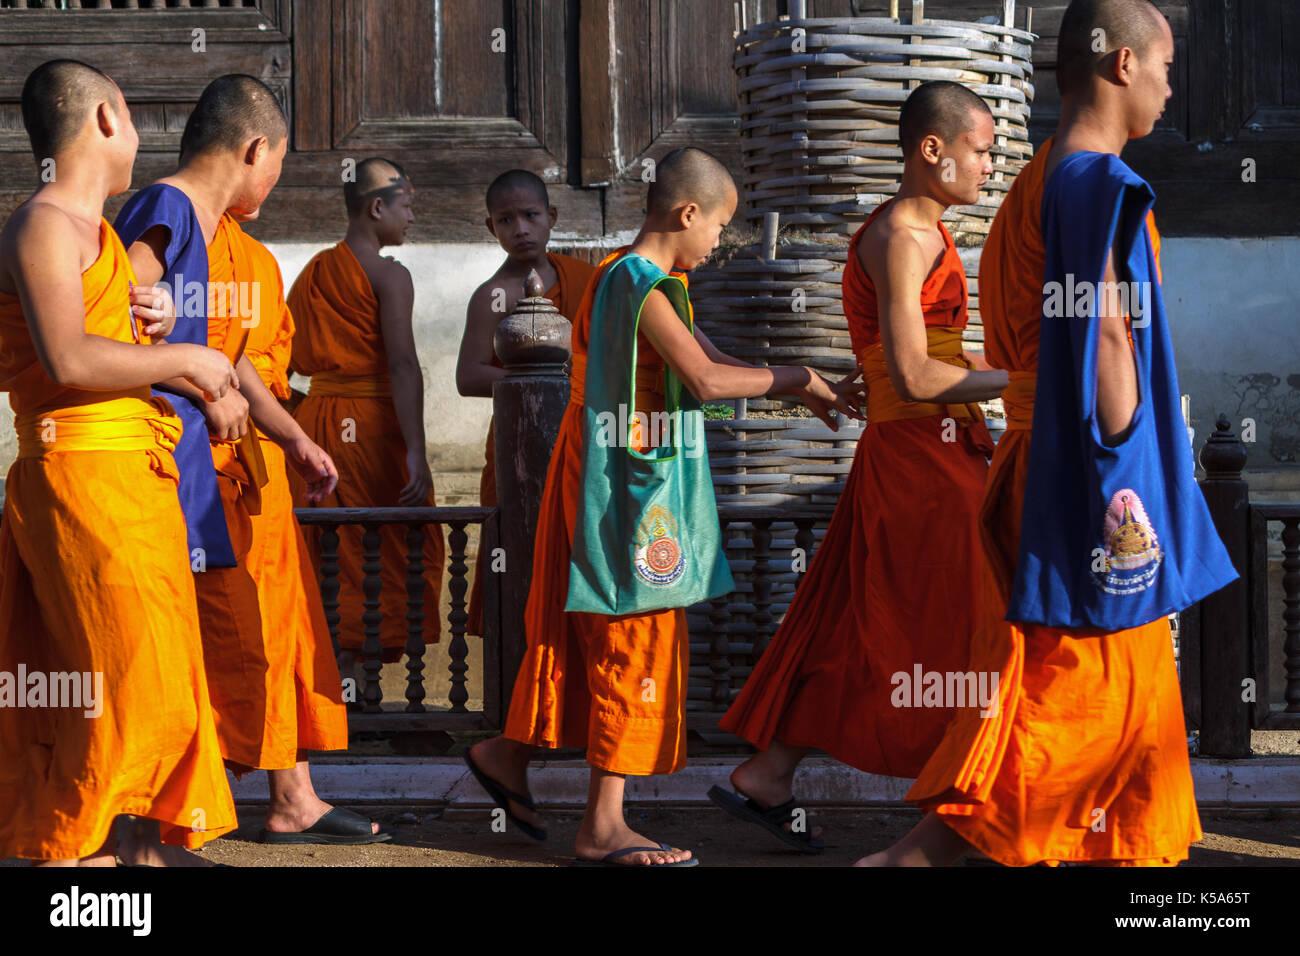 Chiang Mai, Thailandia - 1/29/2016: principiante monaci di wat prasat tempio in Chiang Mai, Thailandia. Immagini Stock